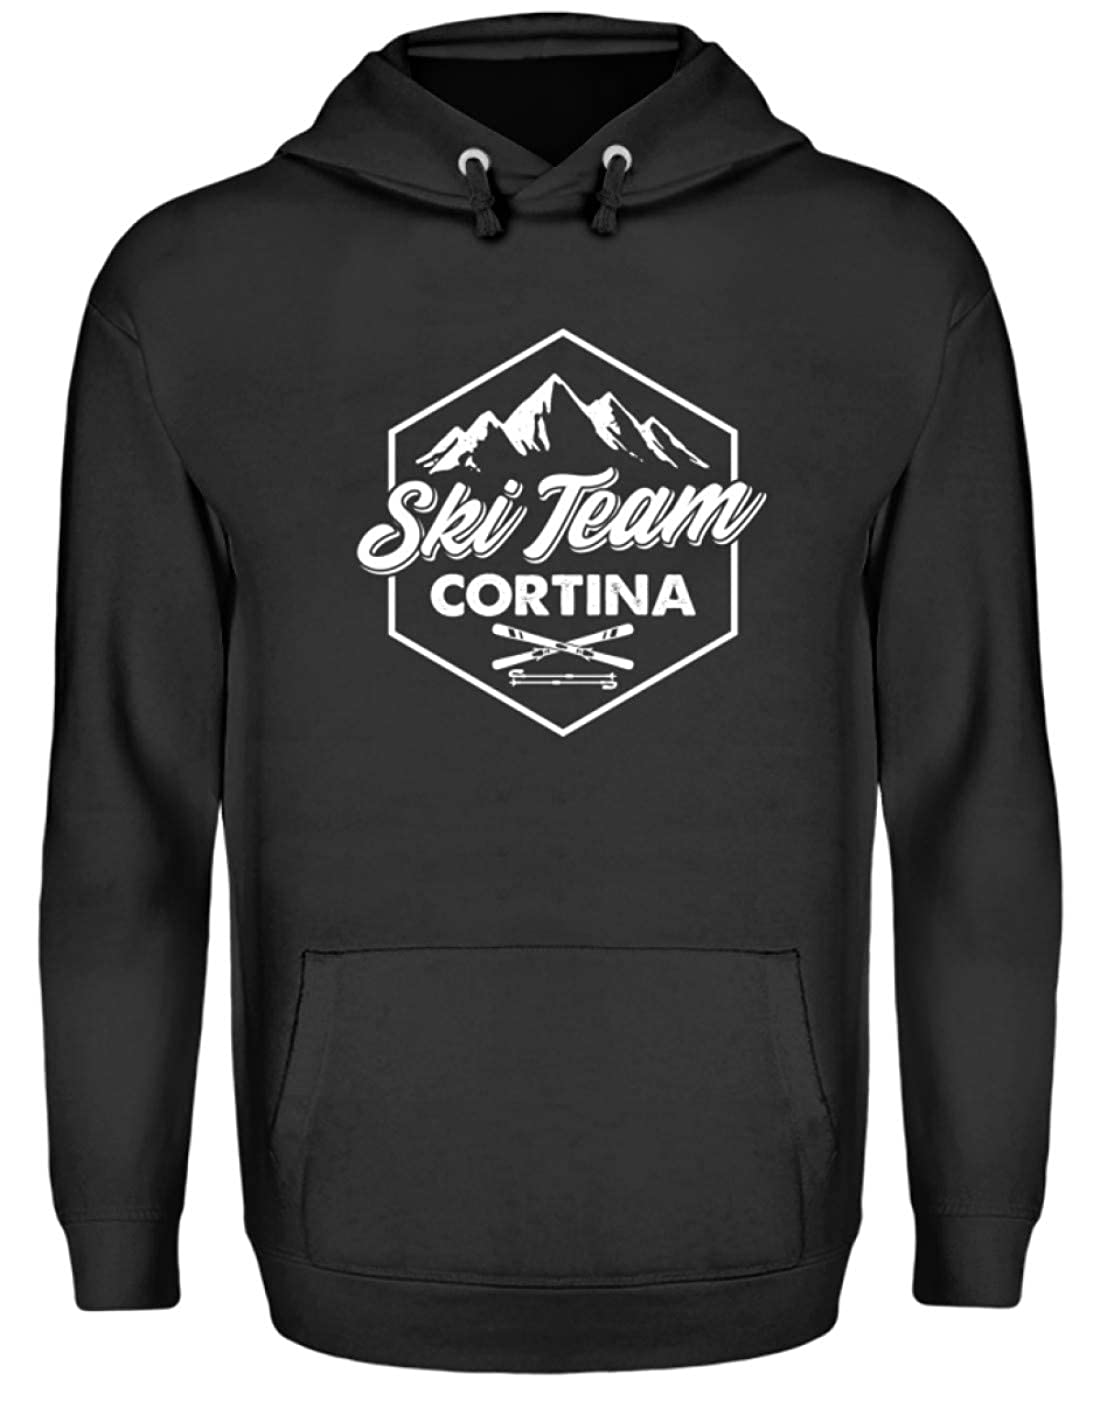 EBENBLATT Apres Ski Cortina Team Skiurlaub Geschenk Geschenkidee für Ski Fahrer - Unisex Kapuzenpullover Hoodie